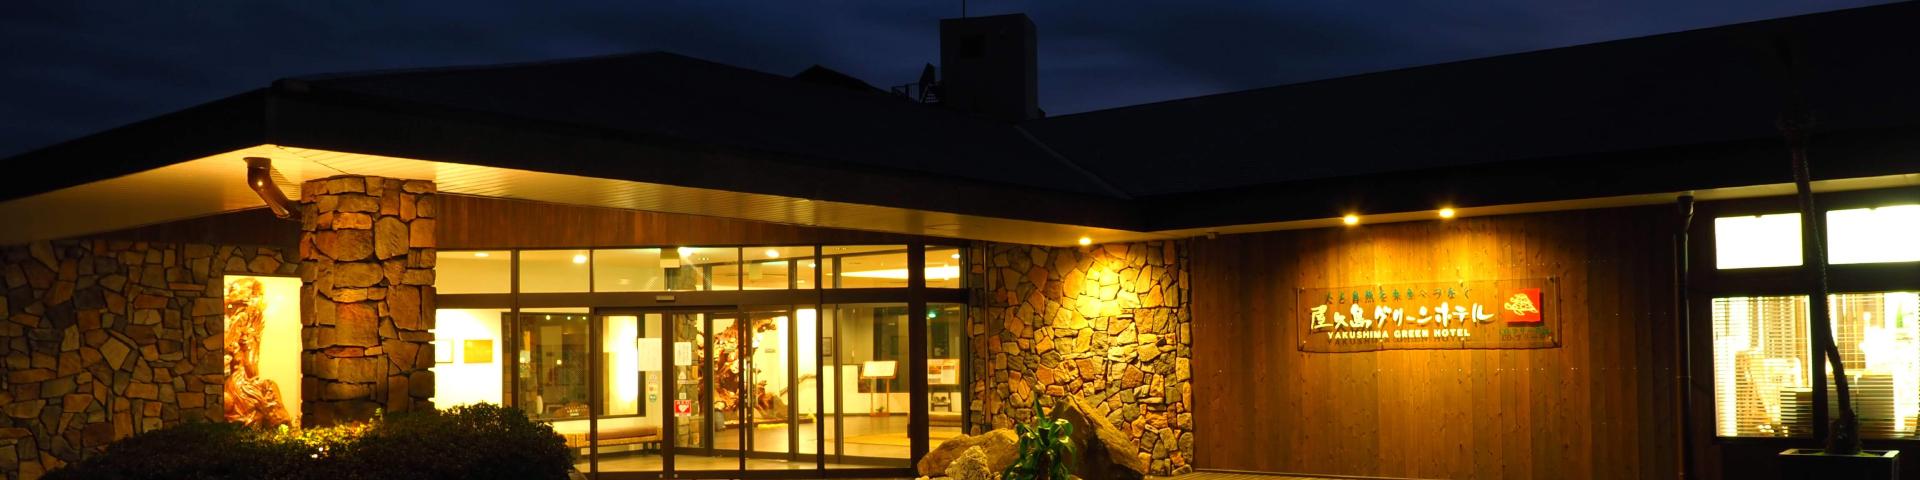 屋久島グリーンホテル外観